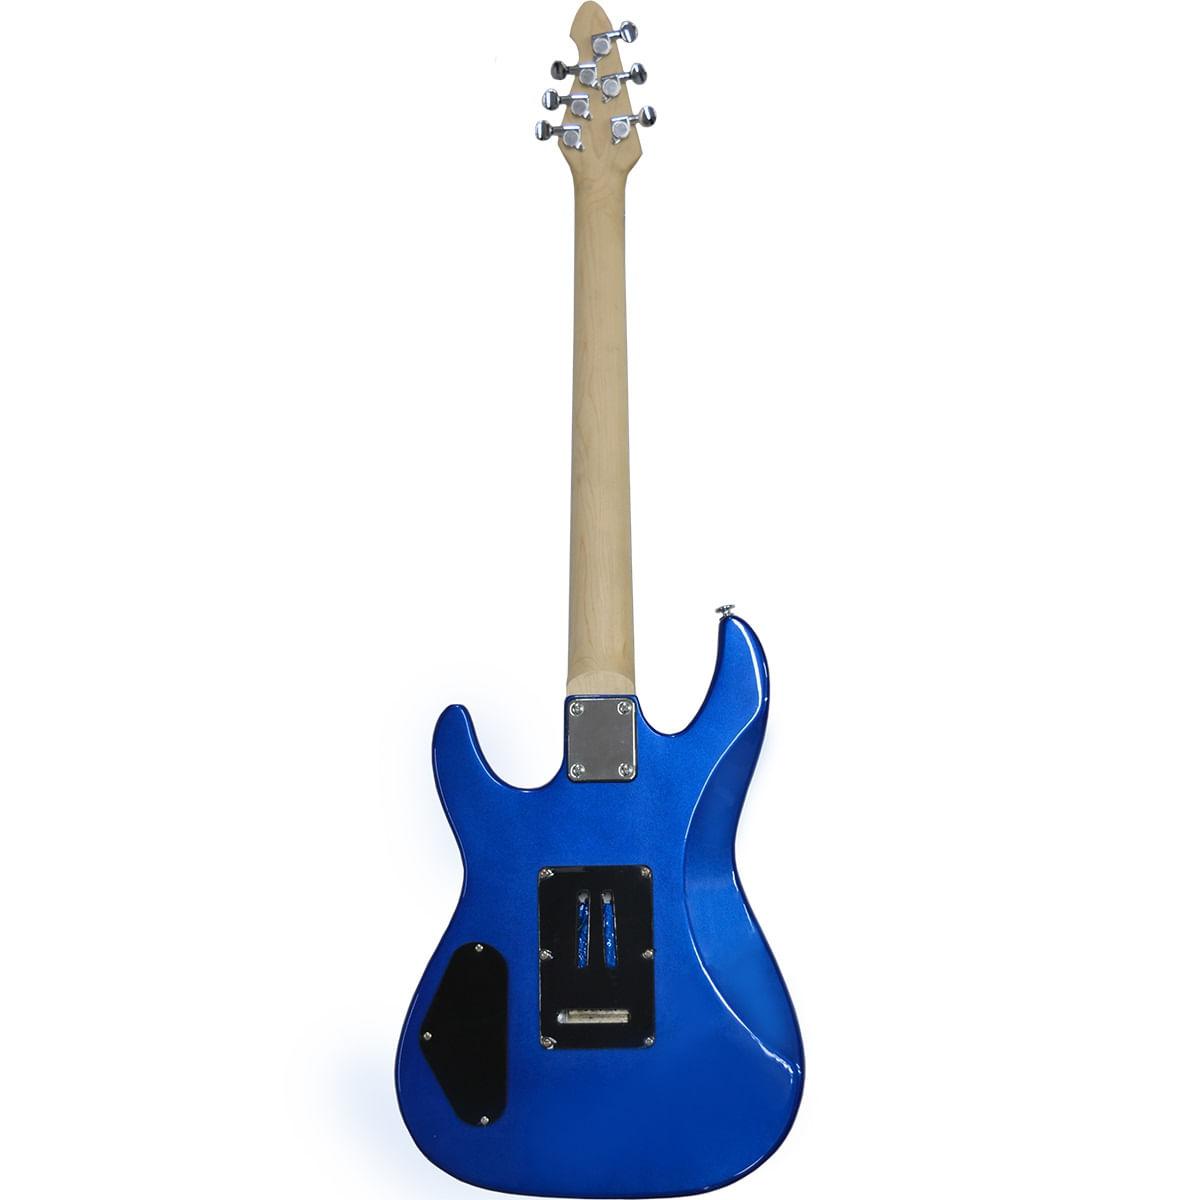 Guitarra-Azul-EG-810-BL---Maclend-1